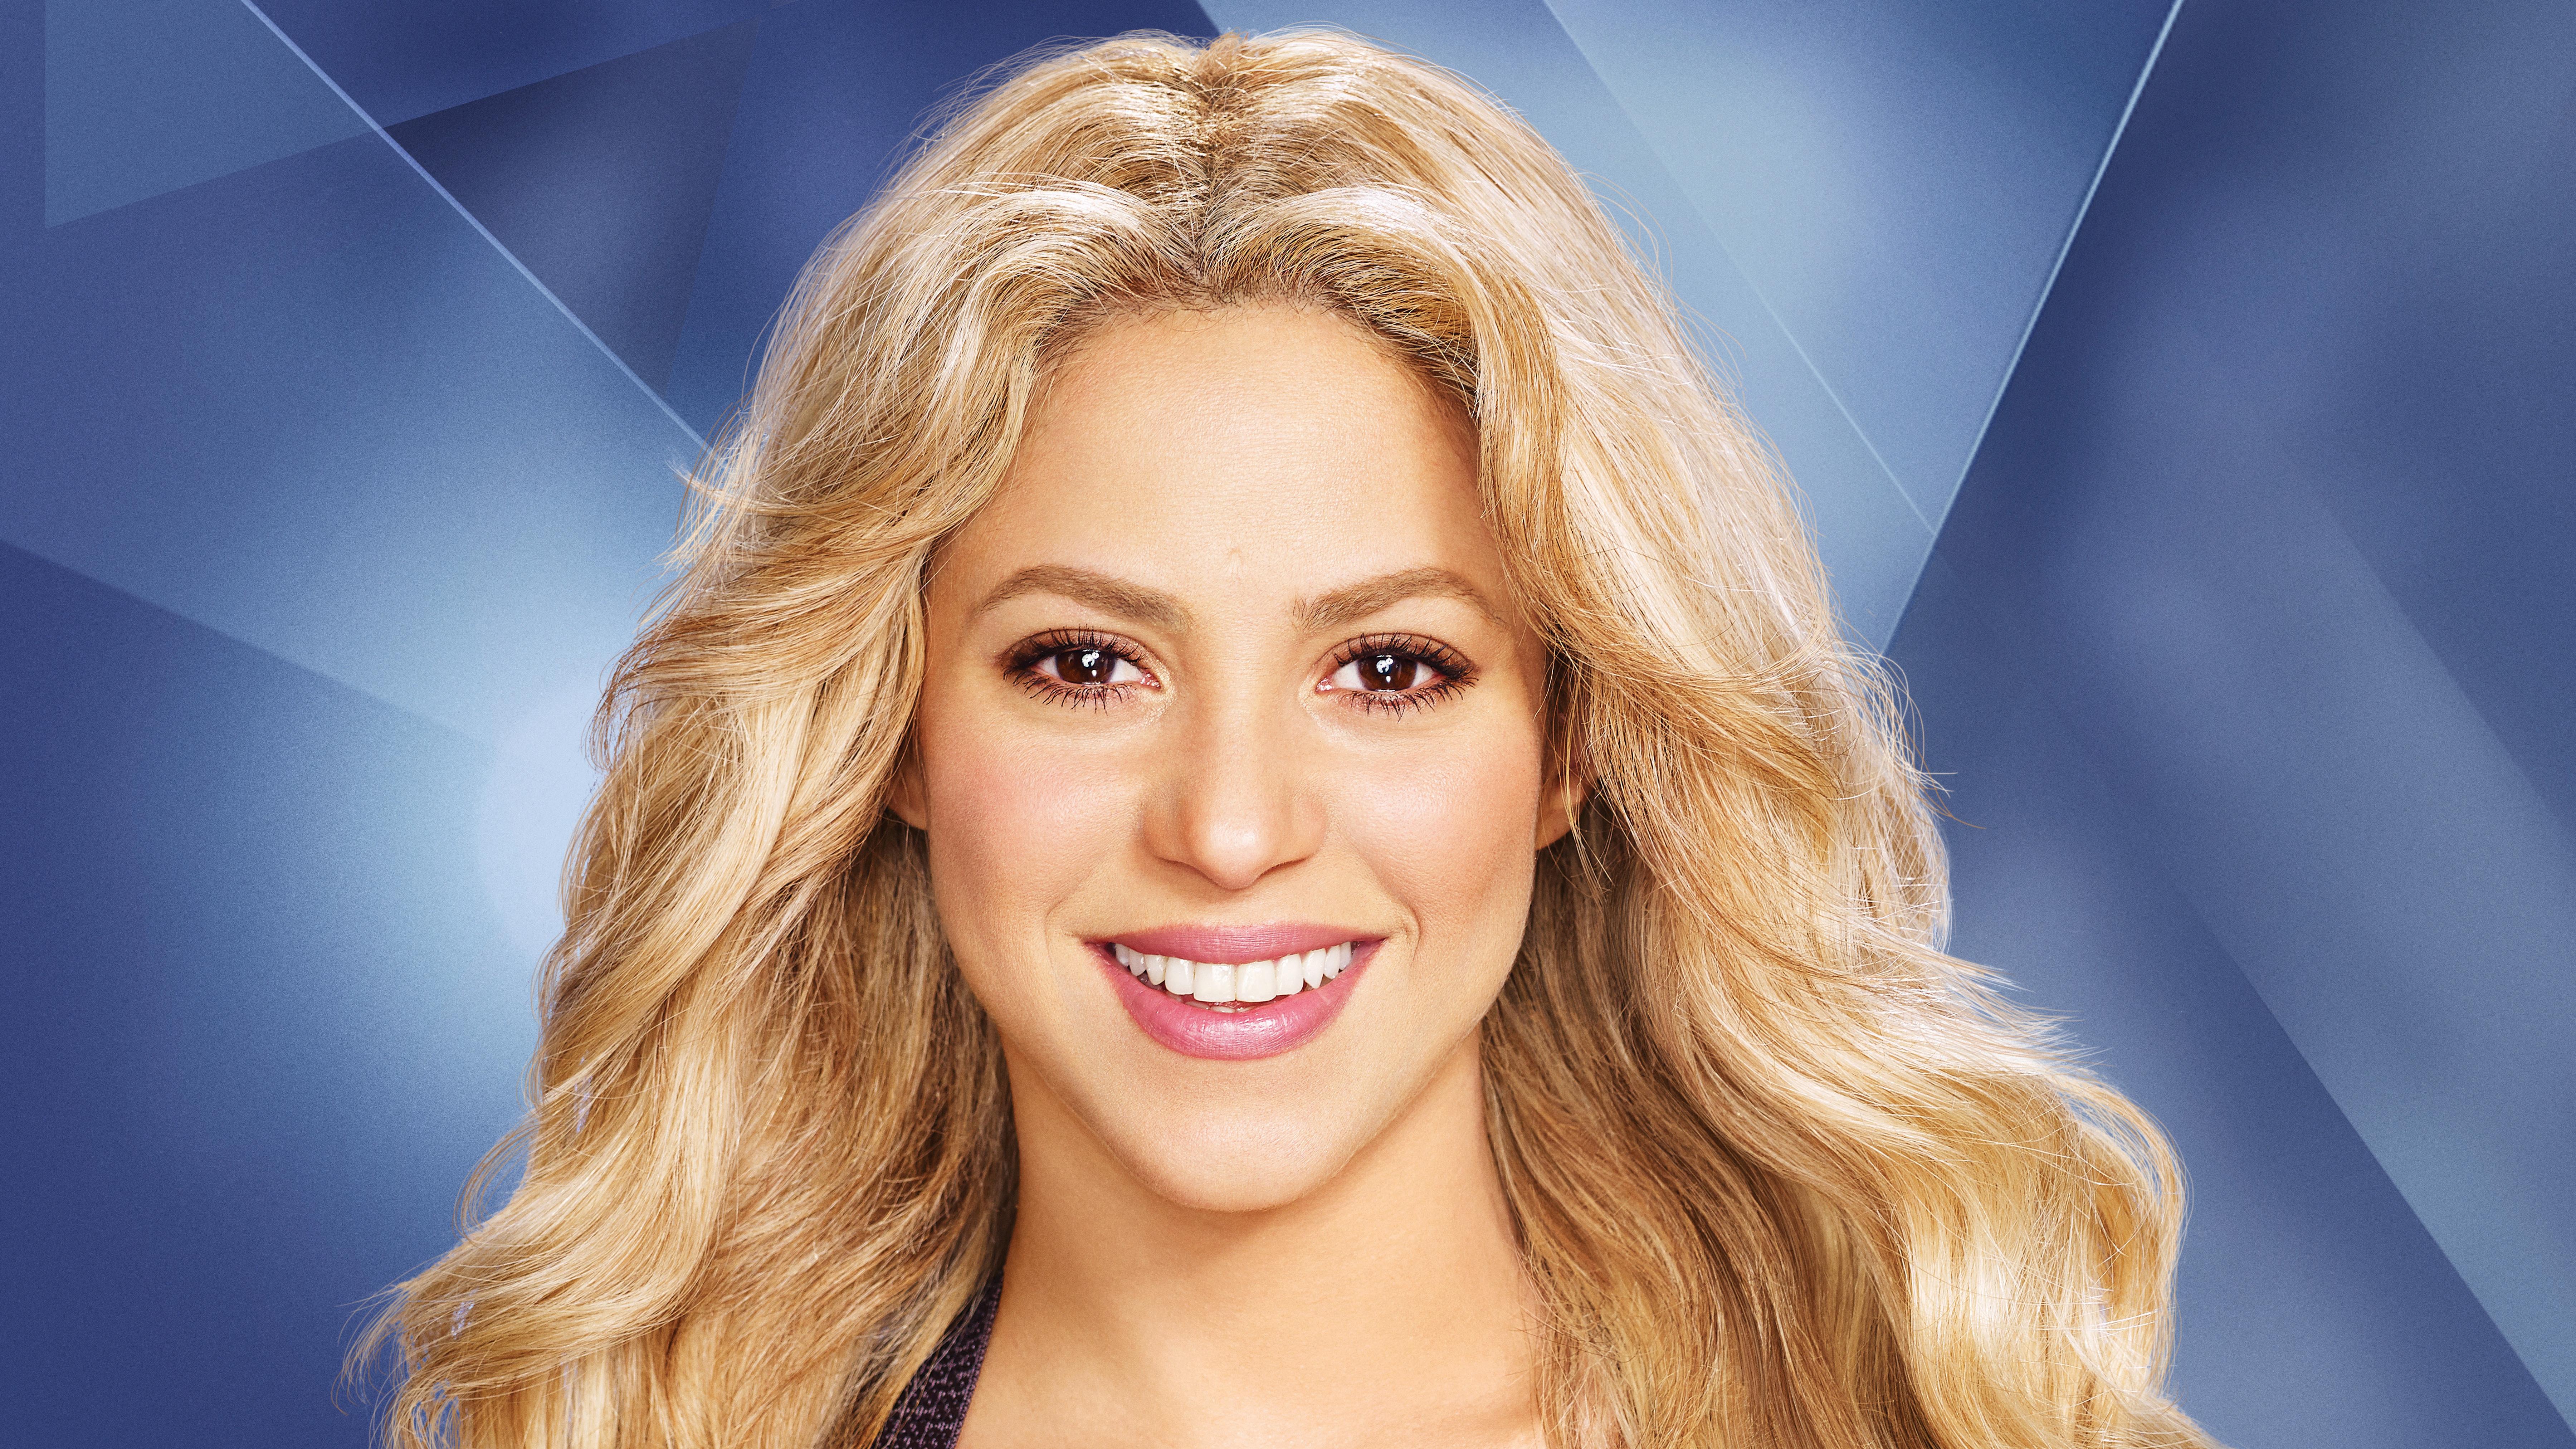 Обои Шакира, знаменитость, волосы, лицо, блондин в разрешении 3840x2160